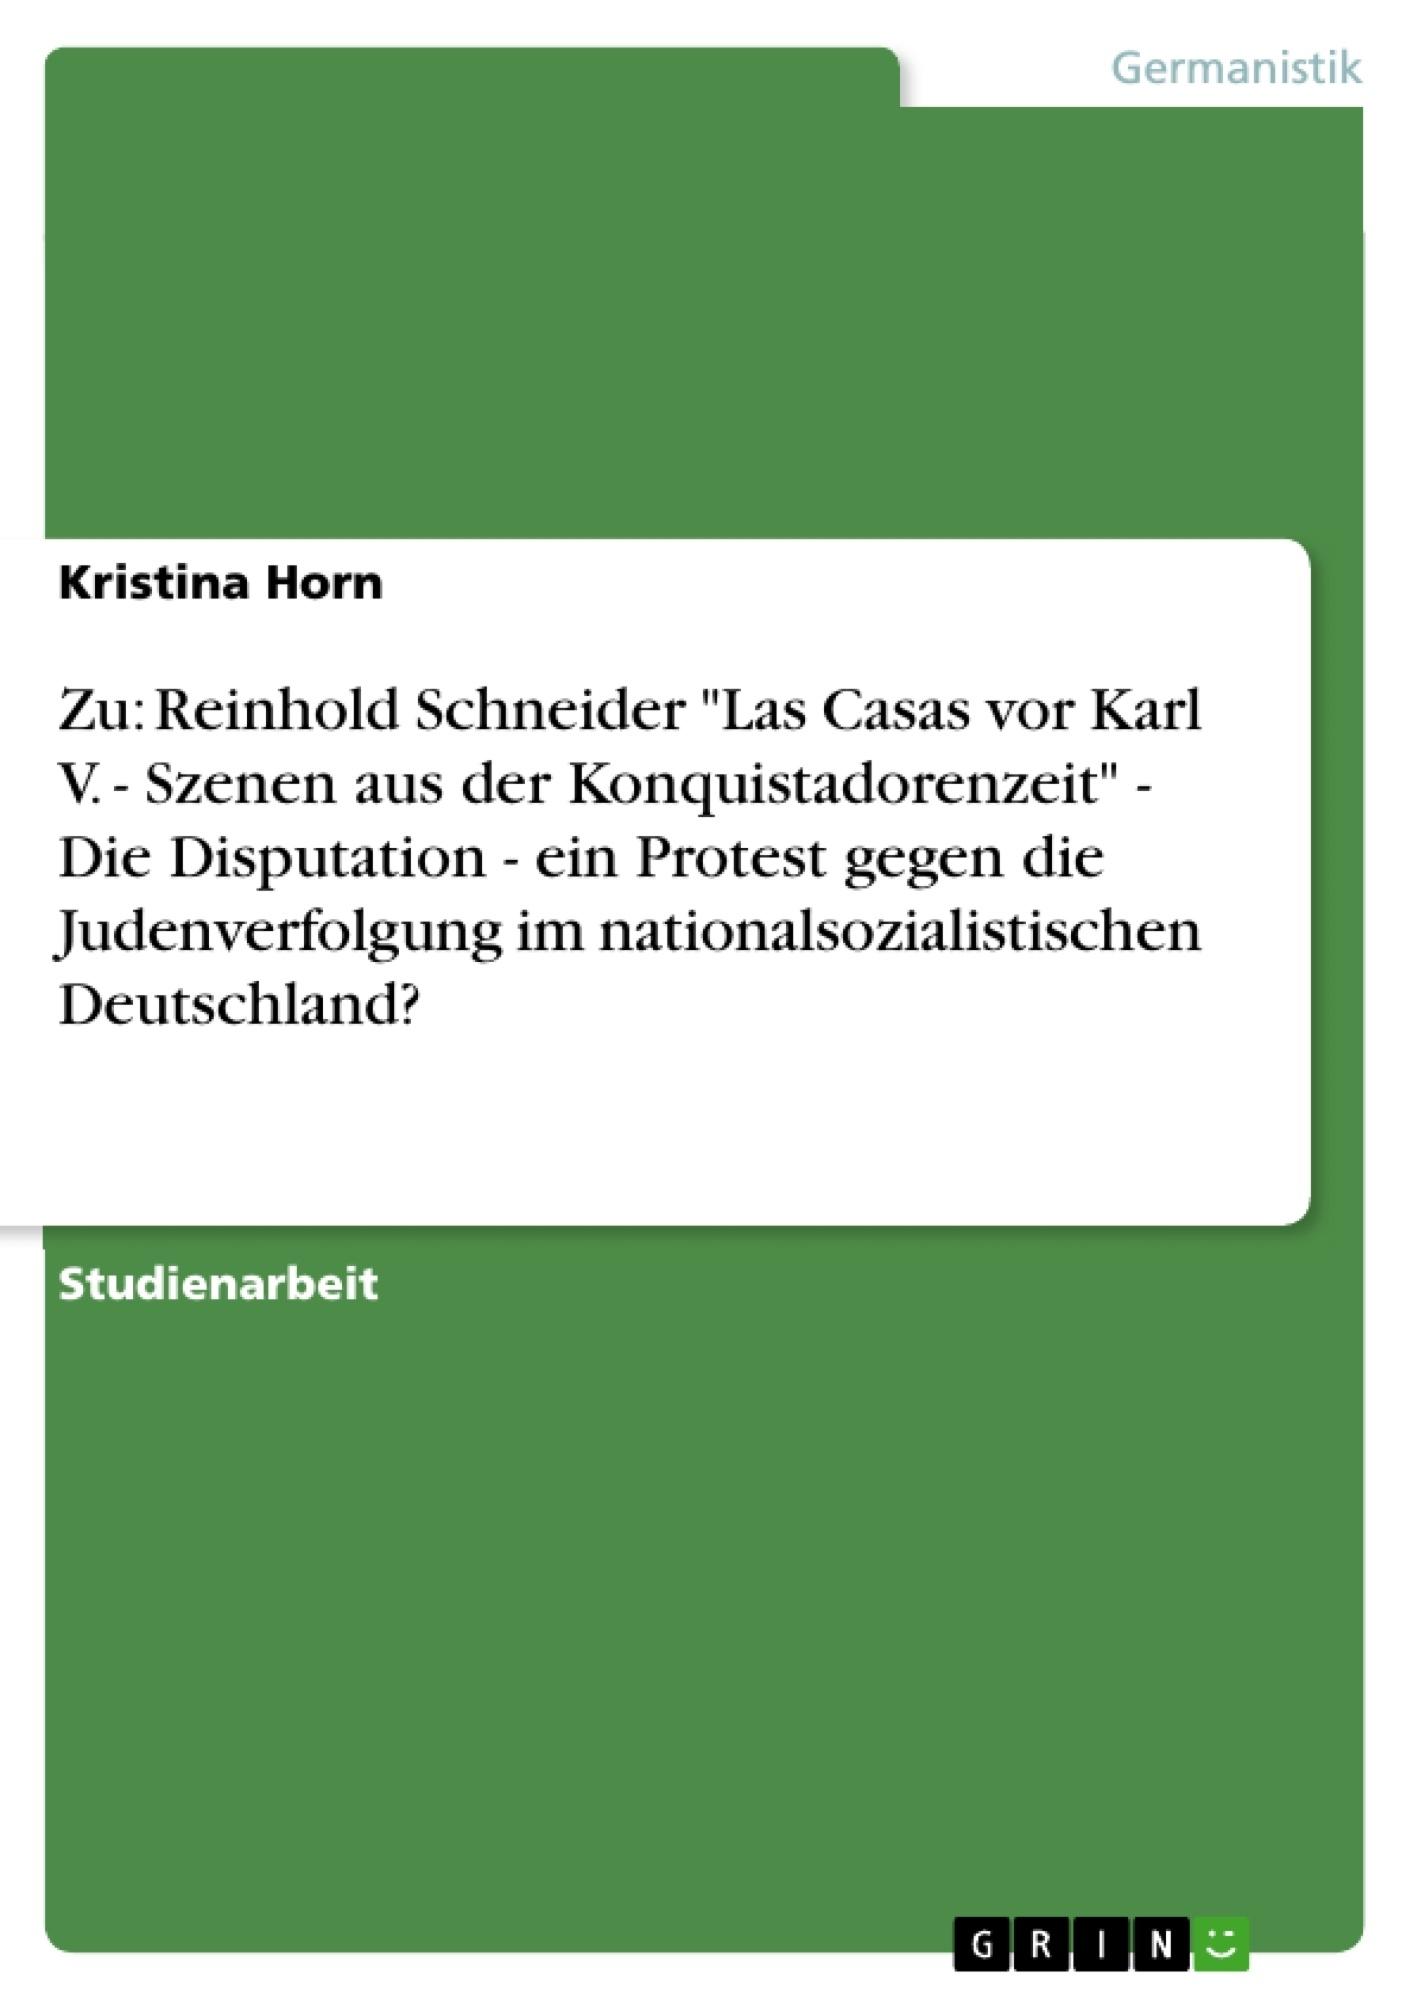 """Titel: Zu: Reinhold Schneider """"Las Casas vor Karl V. - Szenen aus der Konquistadorenzeit"""" - Die Disputation - ein Protest gegen die Judenverfolgung im nationalsozialistischen Deutschland?"""